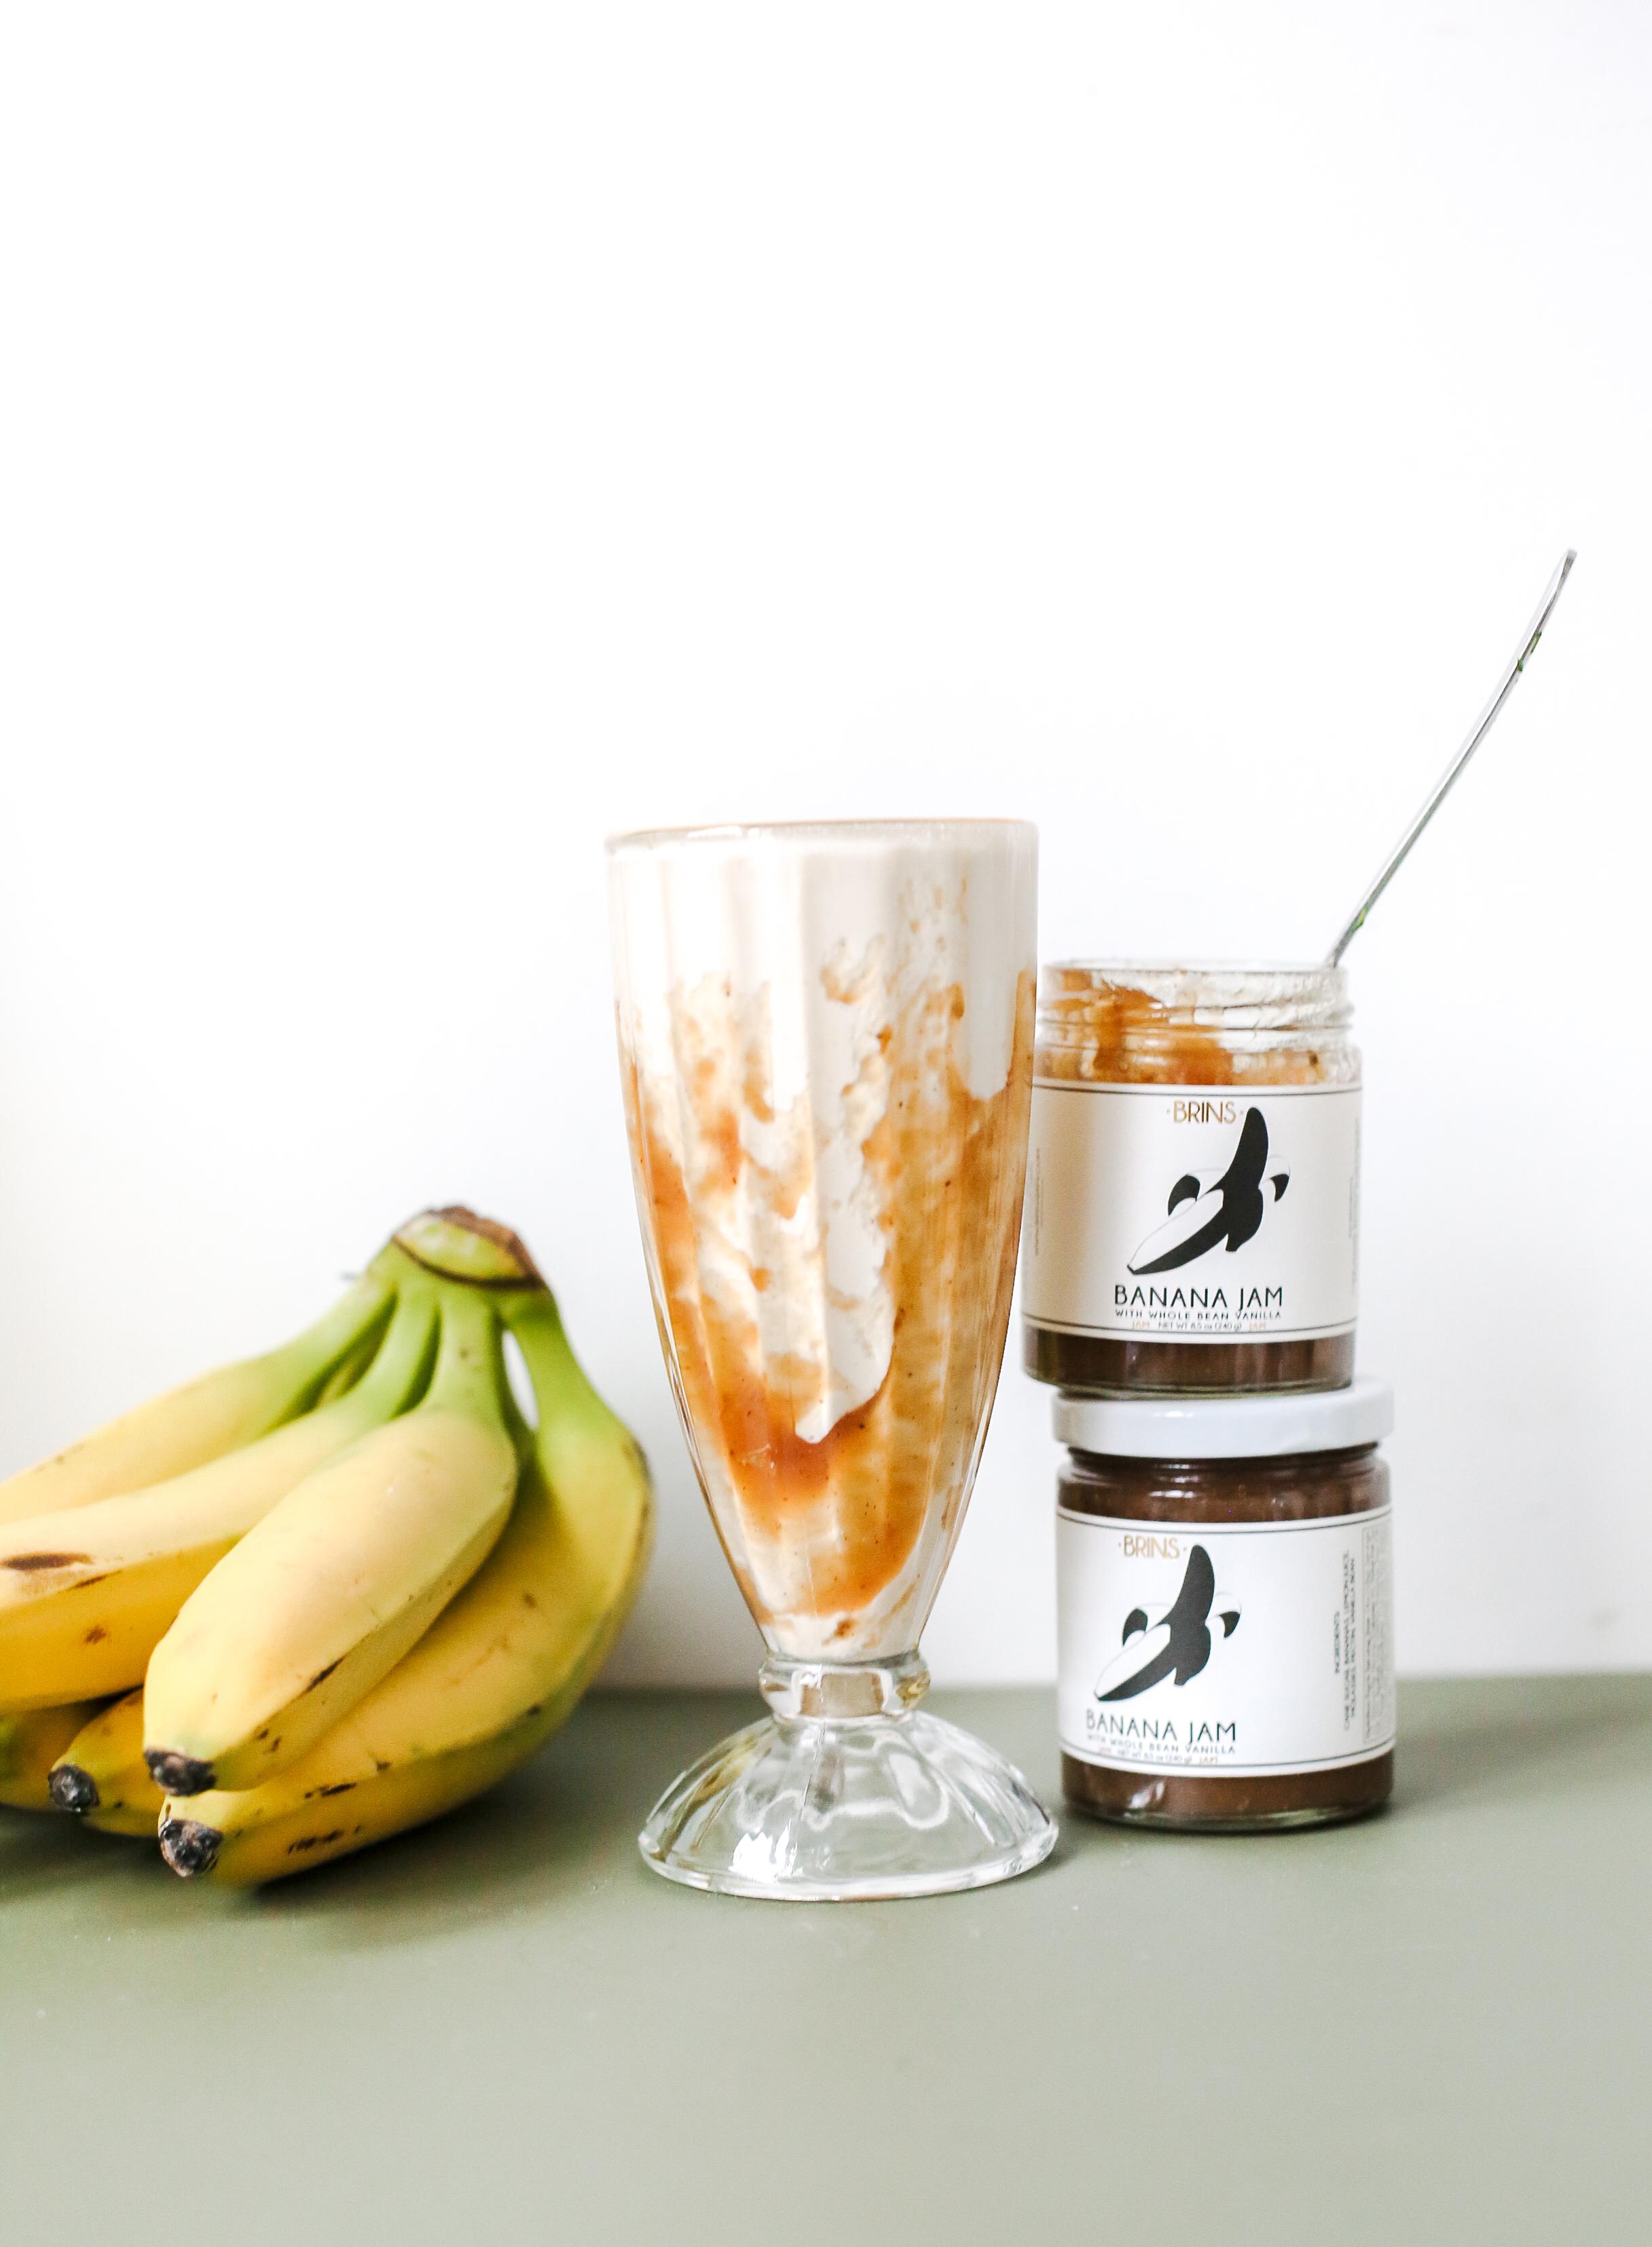 BRINS Banana Jam Milkshake -0964.jpg